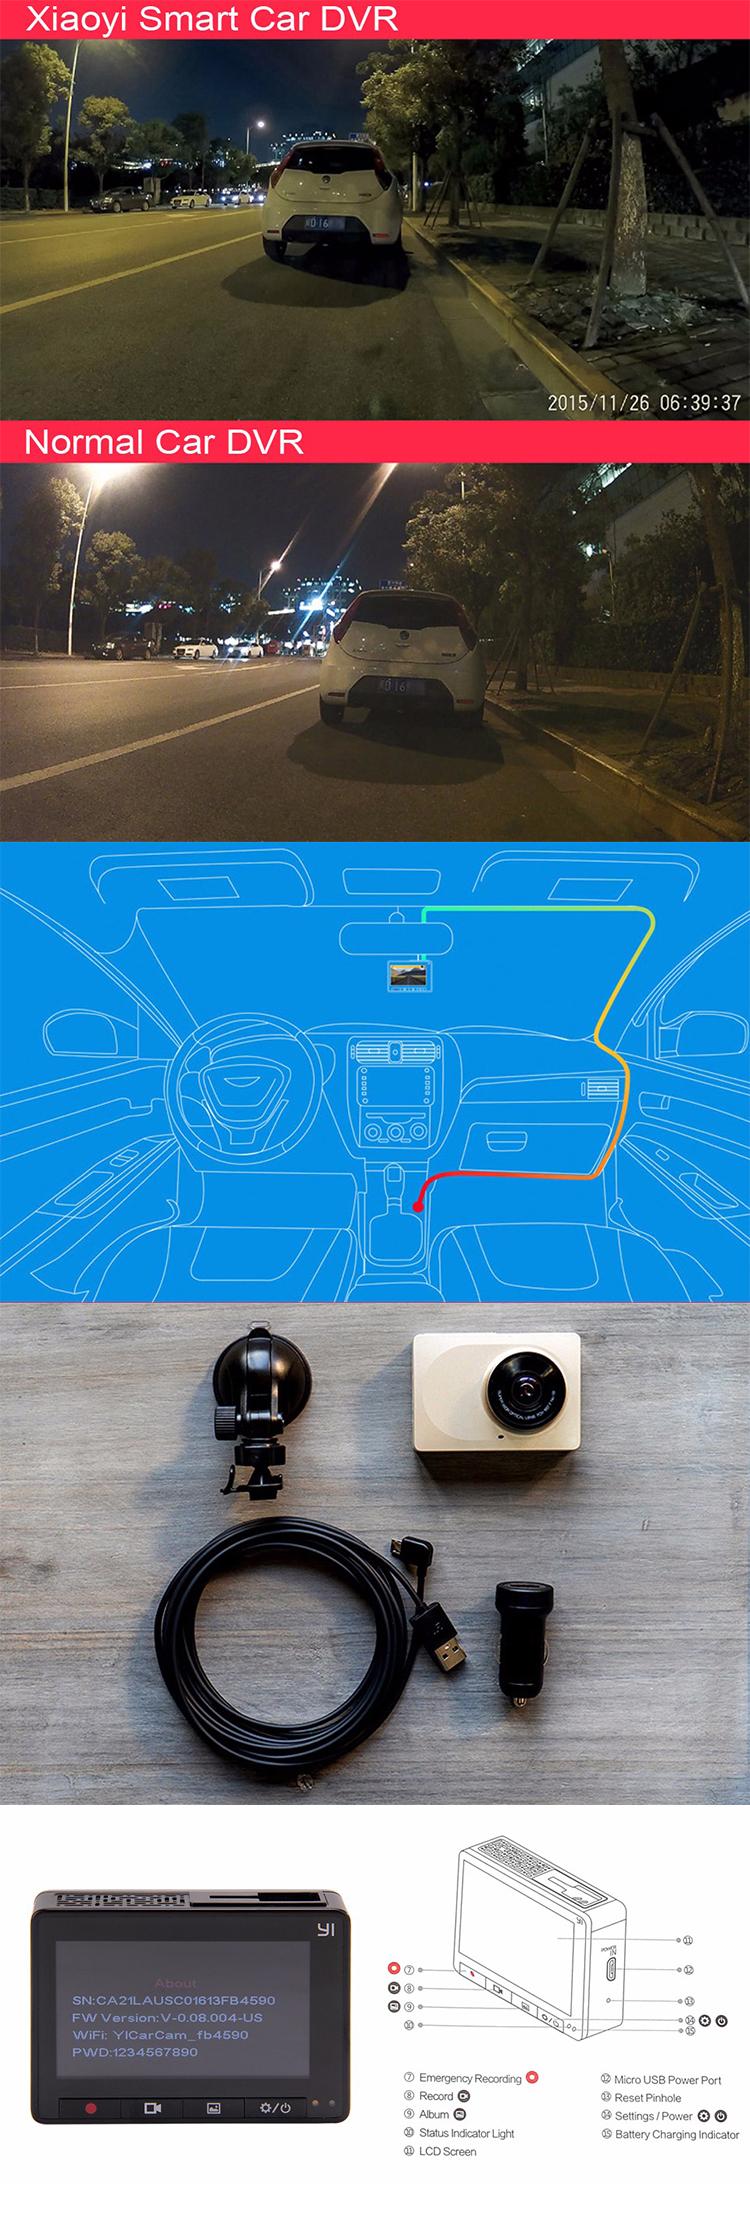 YI Smart Dash Camera 2 7 Inch Car DVR 165 Degree 1080P/60fps Video Recorder  ADAS WiFi Dashcam, View Dash Camera, XIAOYI Product Details from Zaihong